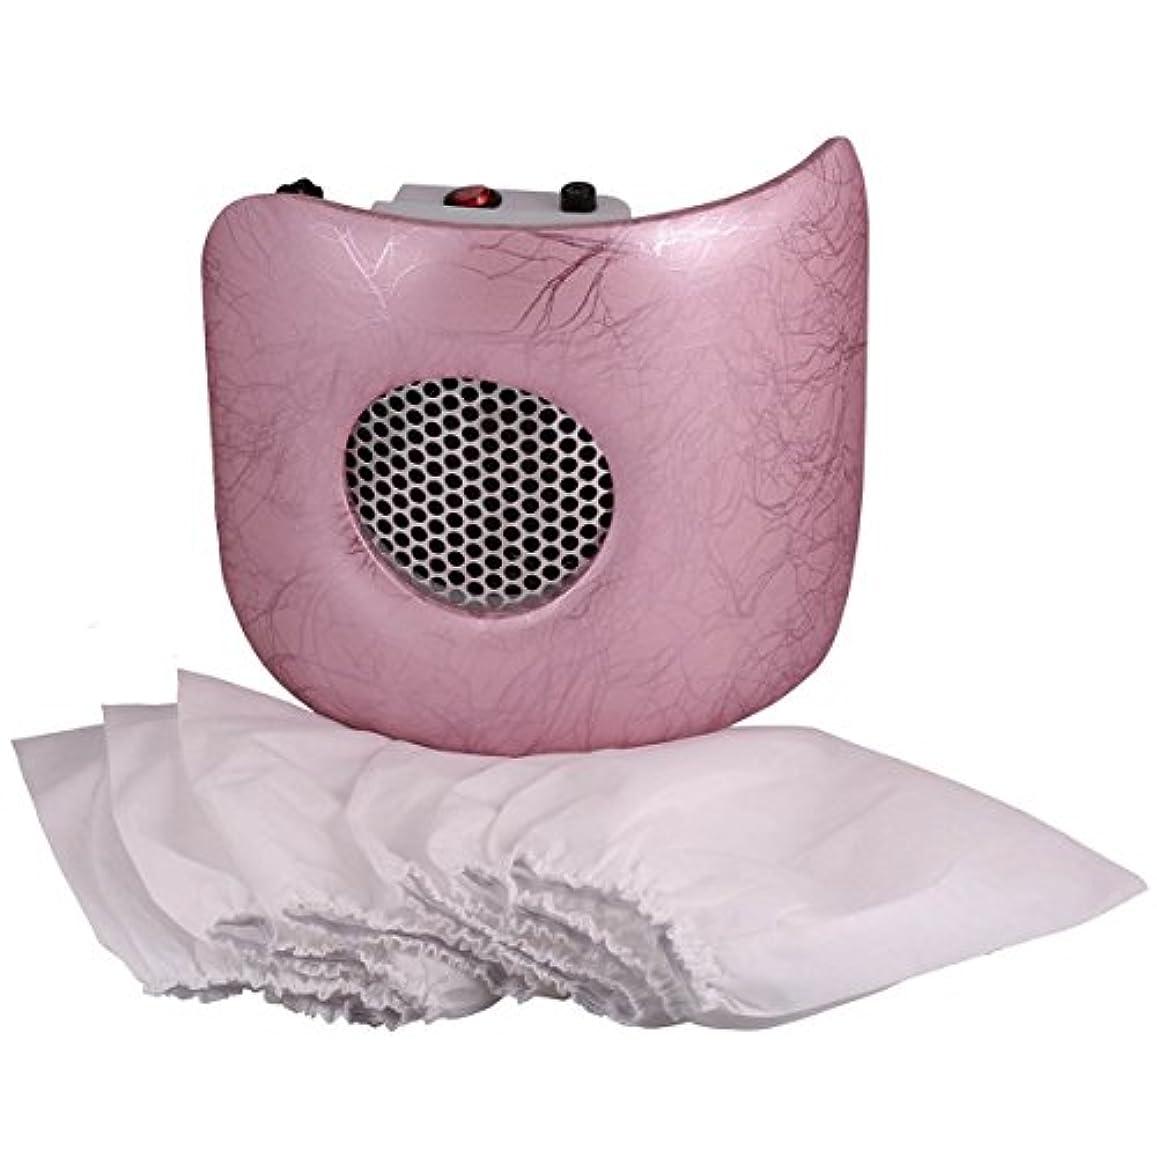 位置する爆風我慢するMiss Sweet 電動ネイルダストコレクター ネイルダスト吸引 (Pink)